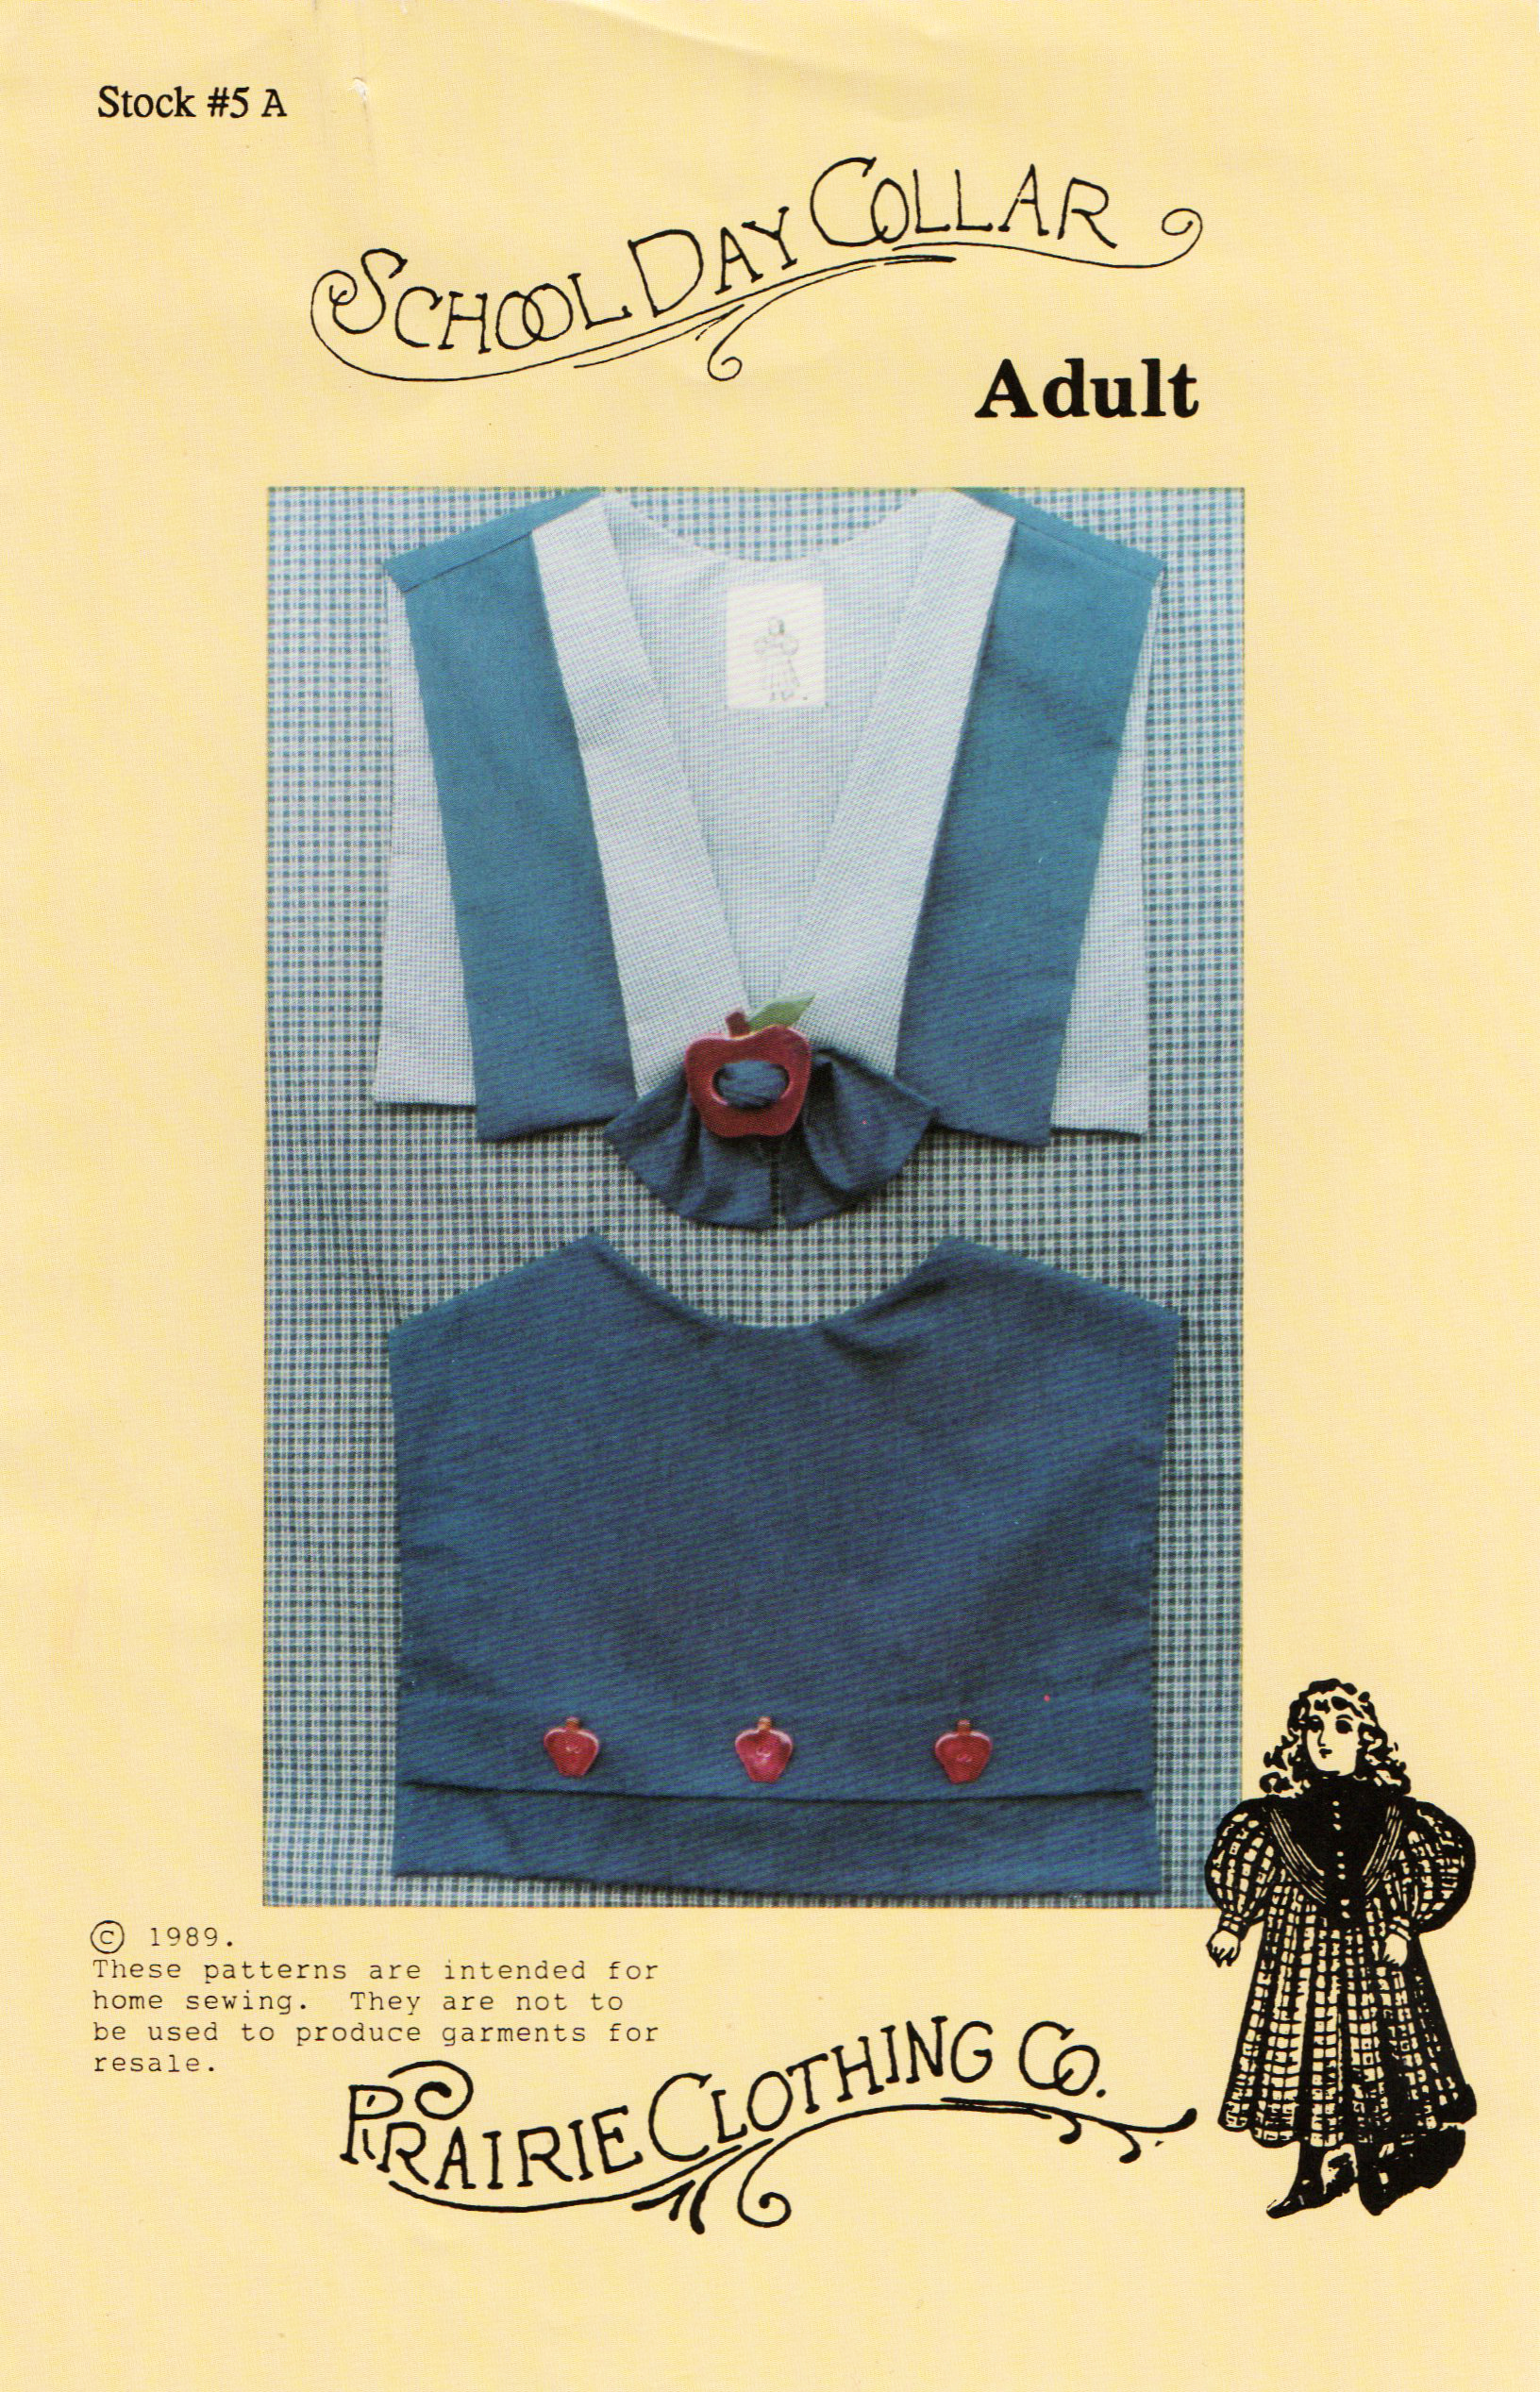 Prairie Clothing Co. 5A